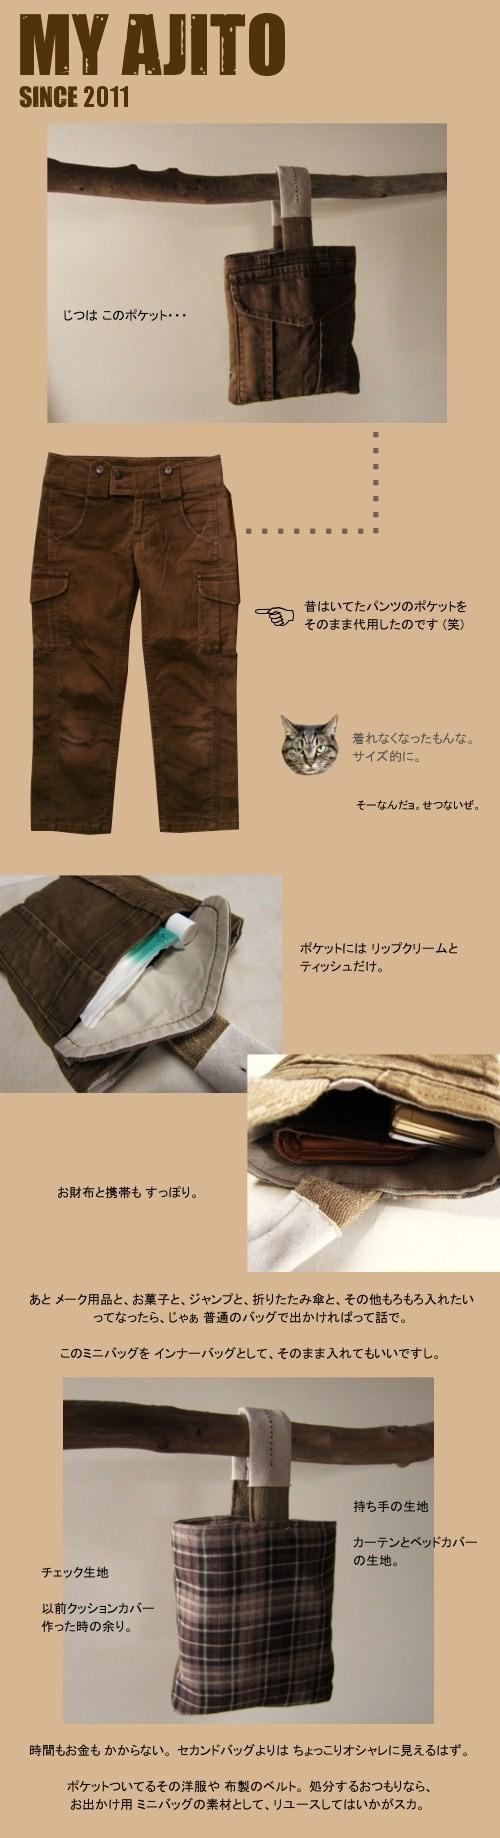 jp_ab_05.jpg